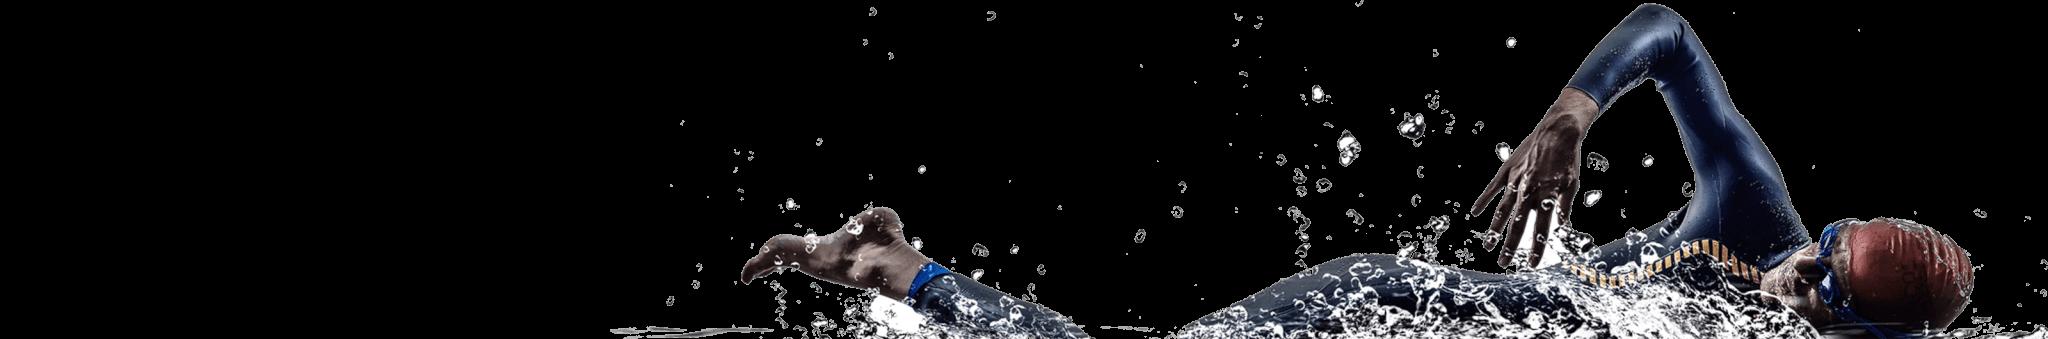 https://edmontontriathlonacademy.com/wp-content/uploads/2017/10/inner_swimmer.png